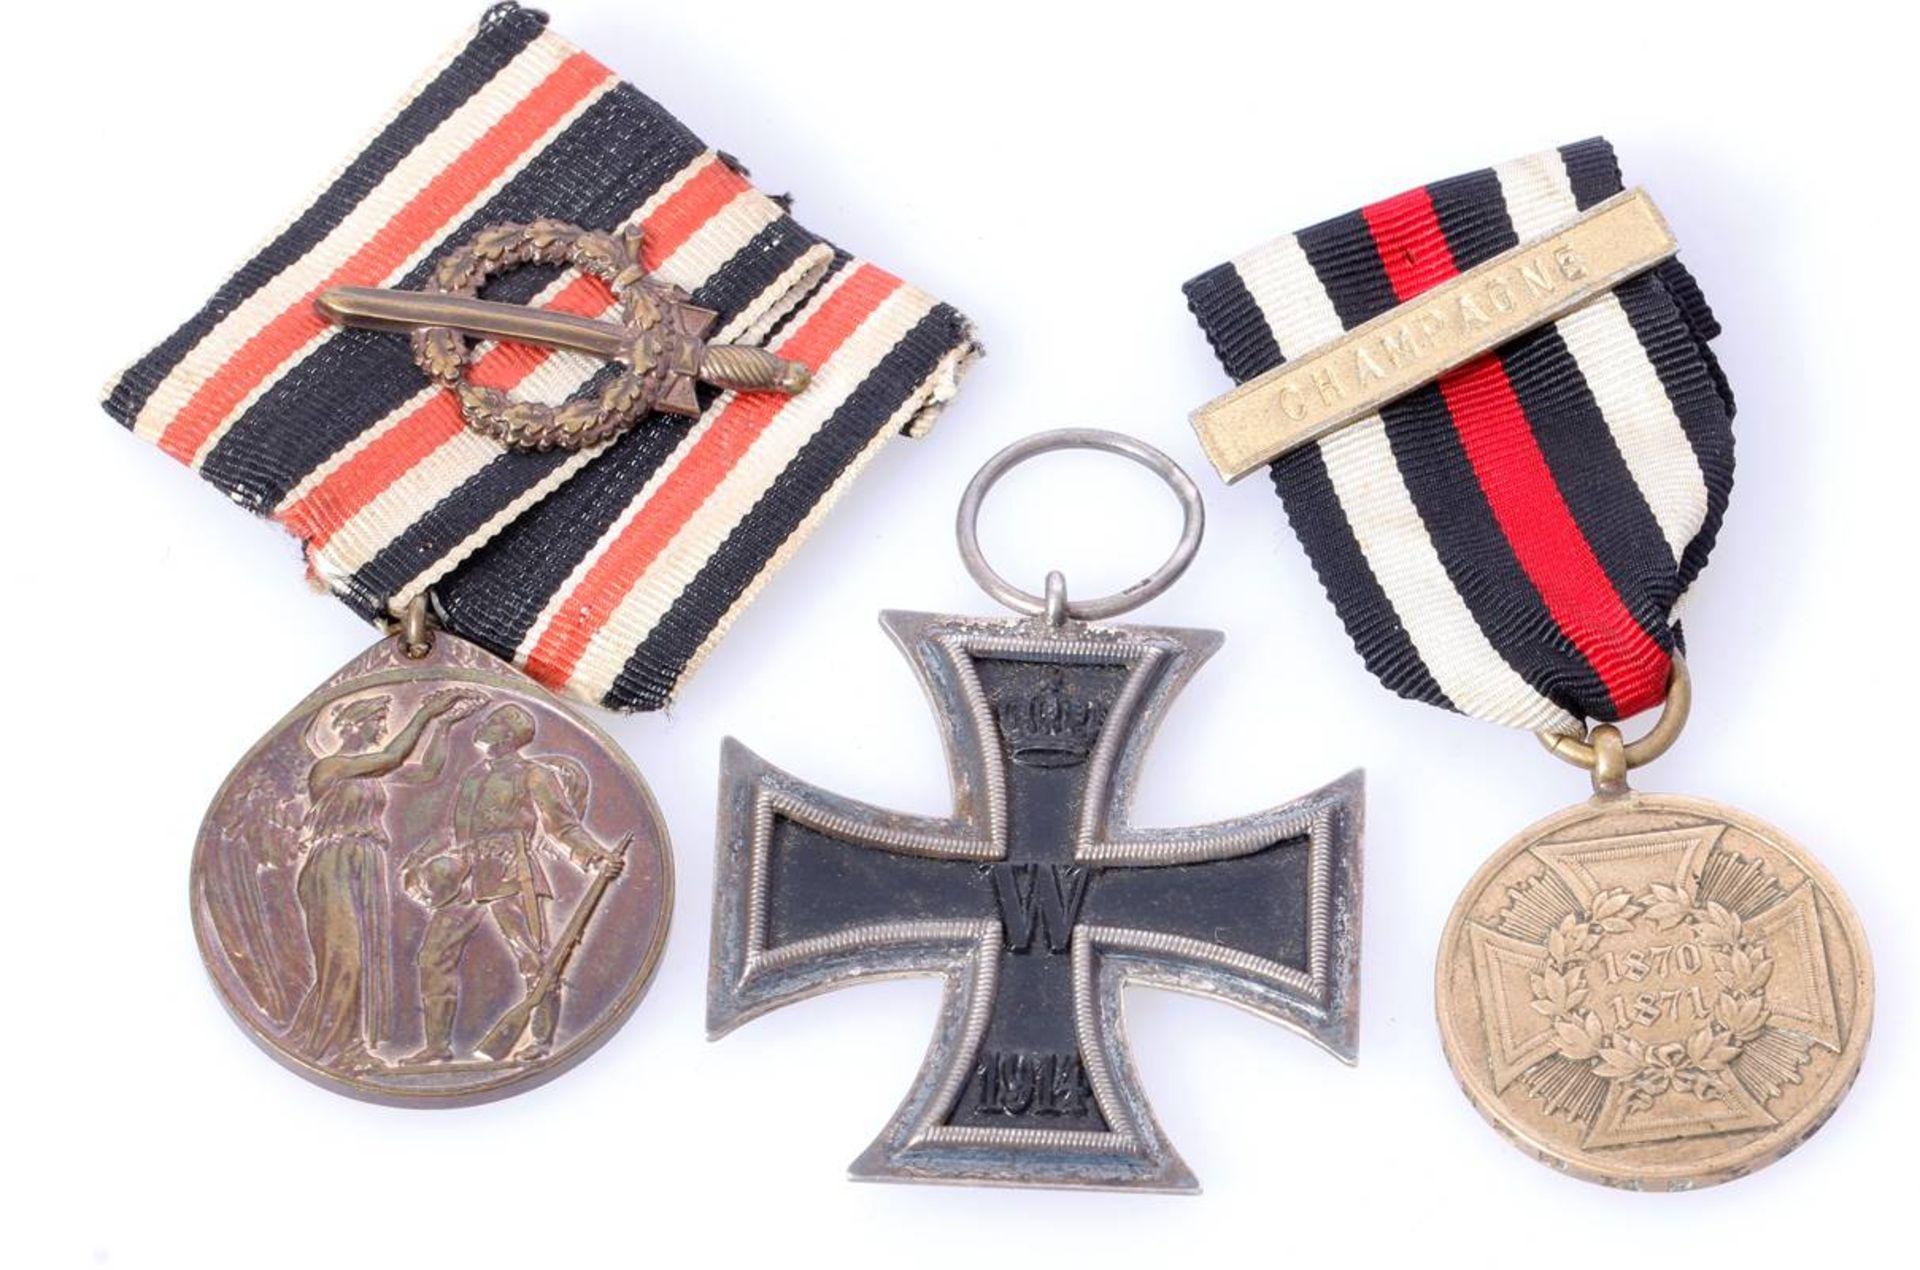 Posten 3 Abzeichen u.a. mit EK 2 1914Eisernes Kreuz 2. Klasse 1914 , Deutsche Ehrendenkmünze des - Bild 2 aus 3